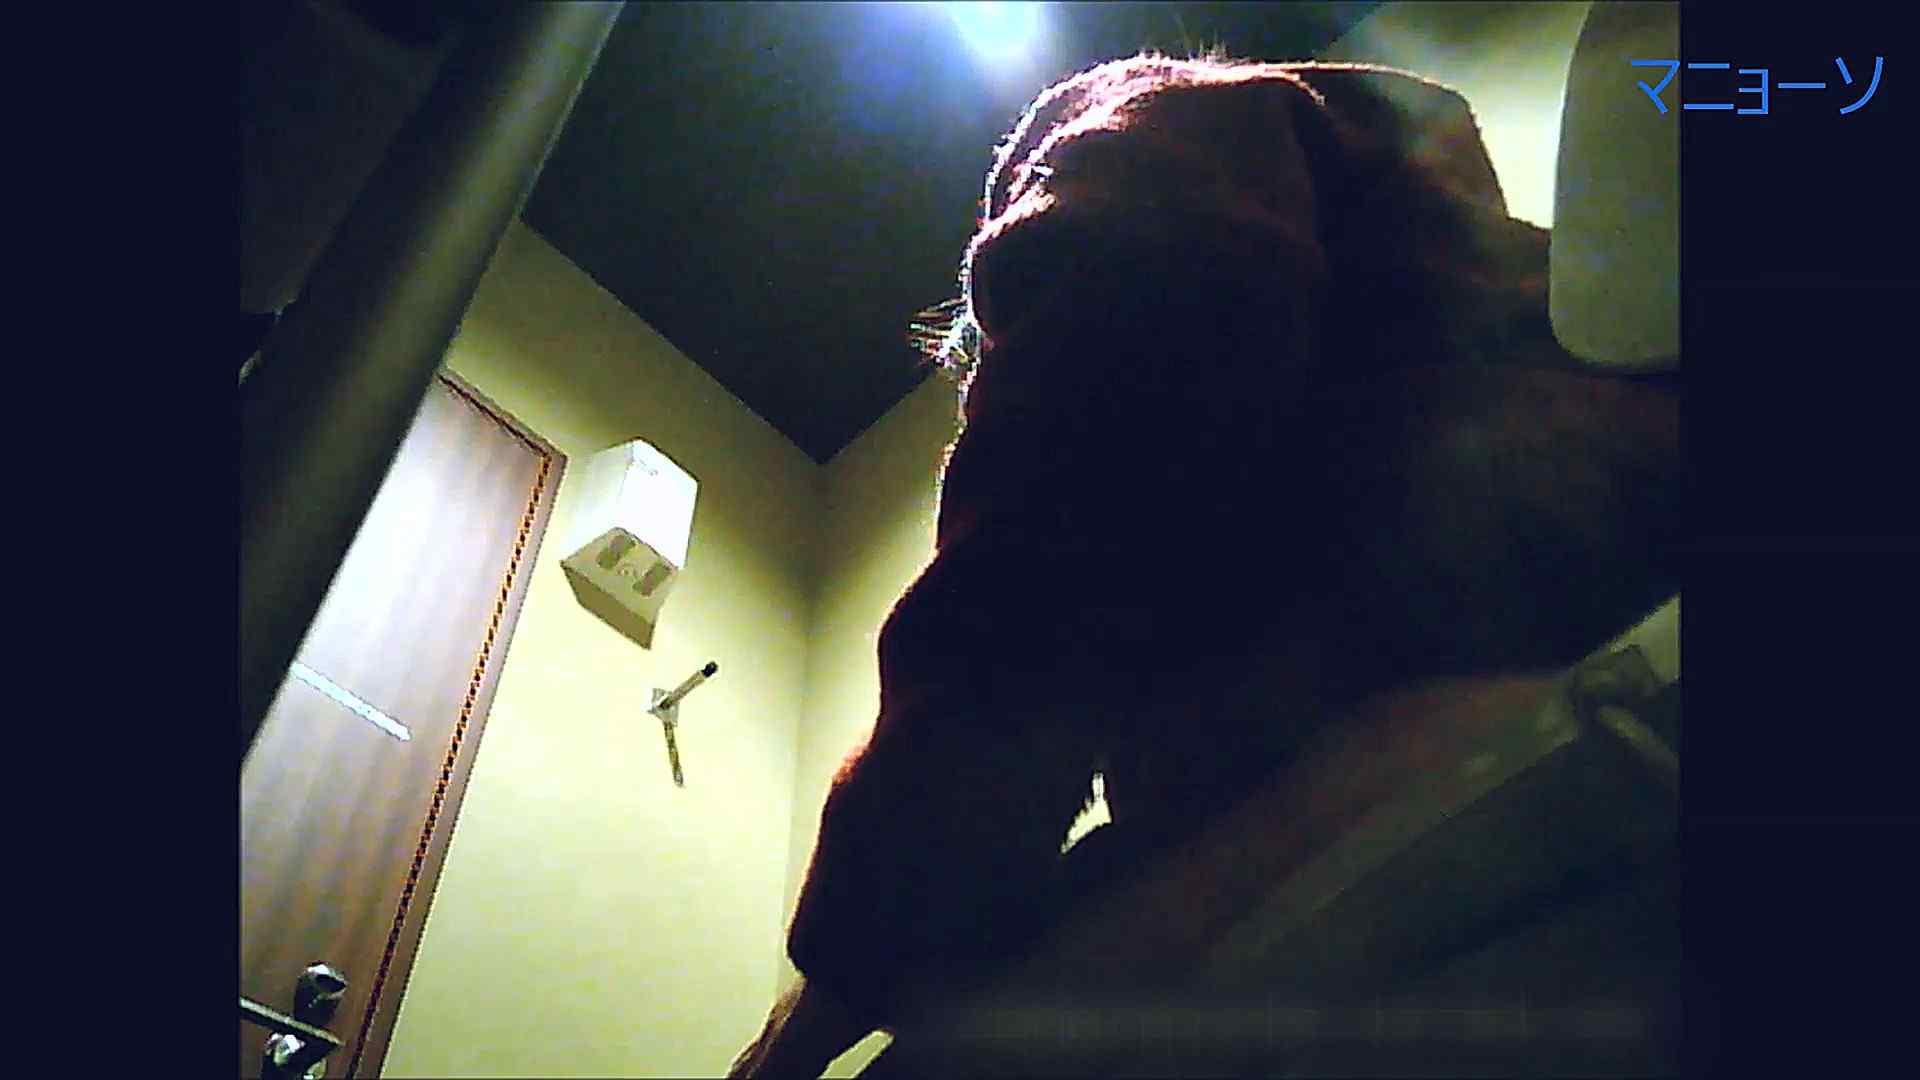 トイレでひと肌脱いでもらいました (JD編)Vol.07 トイレ盗撮 ヌード画像 104枚 29